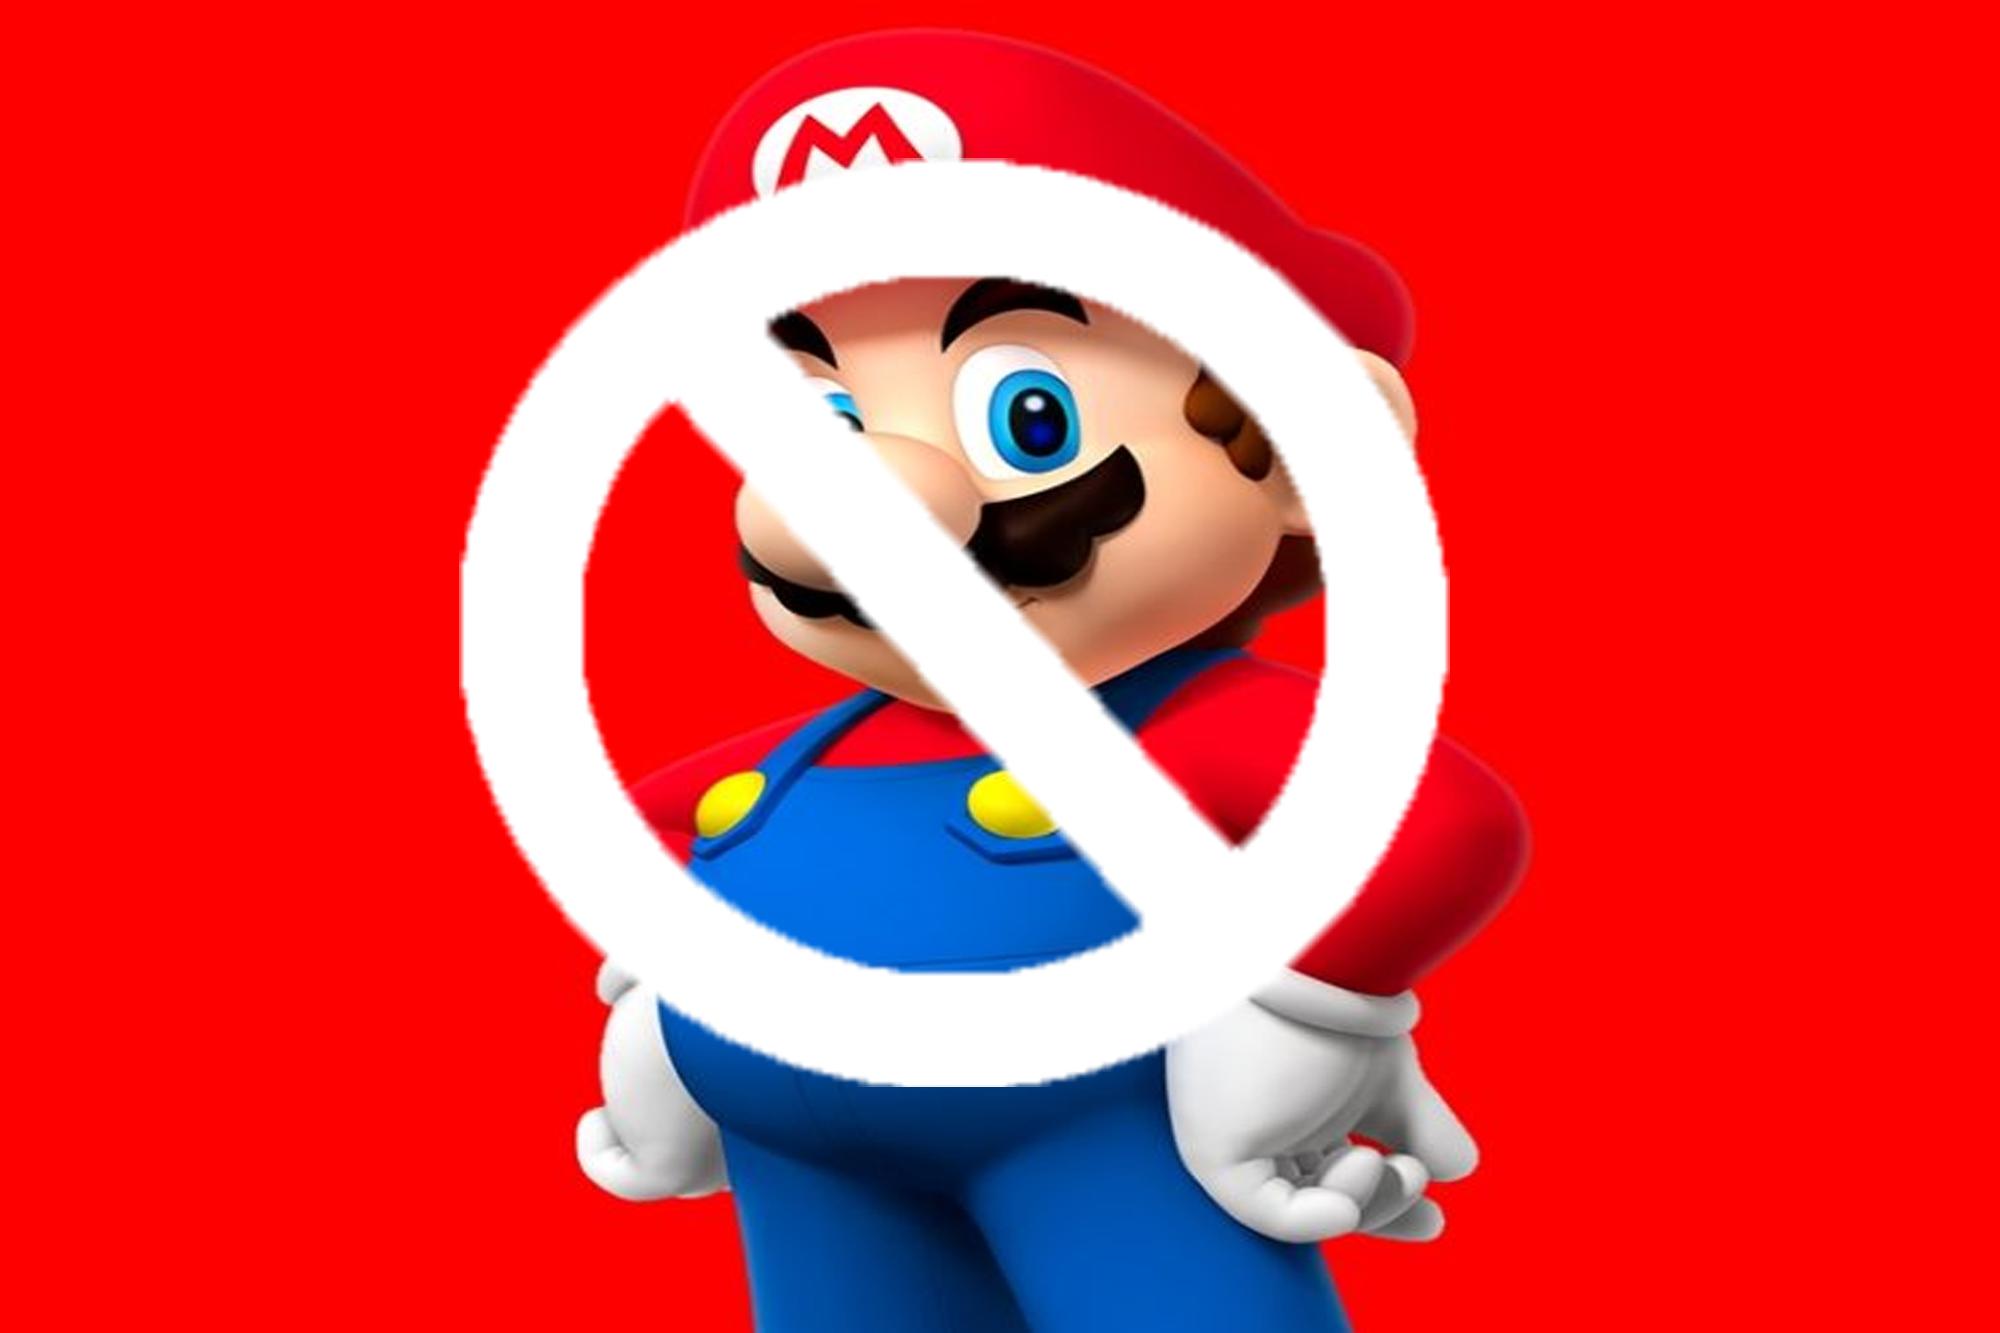 [SURF] - Mario-Base Ölümsüzlük, [SURF] - Mario-Base Ölümsüzlük plugini, eklentisi, CS:GO Plugin, CS GO Plugin, csgo, cs:go, csgo plugin, plugins, pluginler, plugin, satis, satış, plugincim, cs:go plugins, türkçe plugin, sourcemod, pluginleri, eklentiler, CS:GO eklentileri, CSGO eklentileri